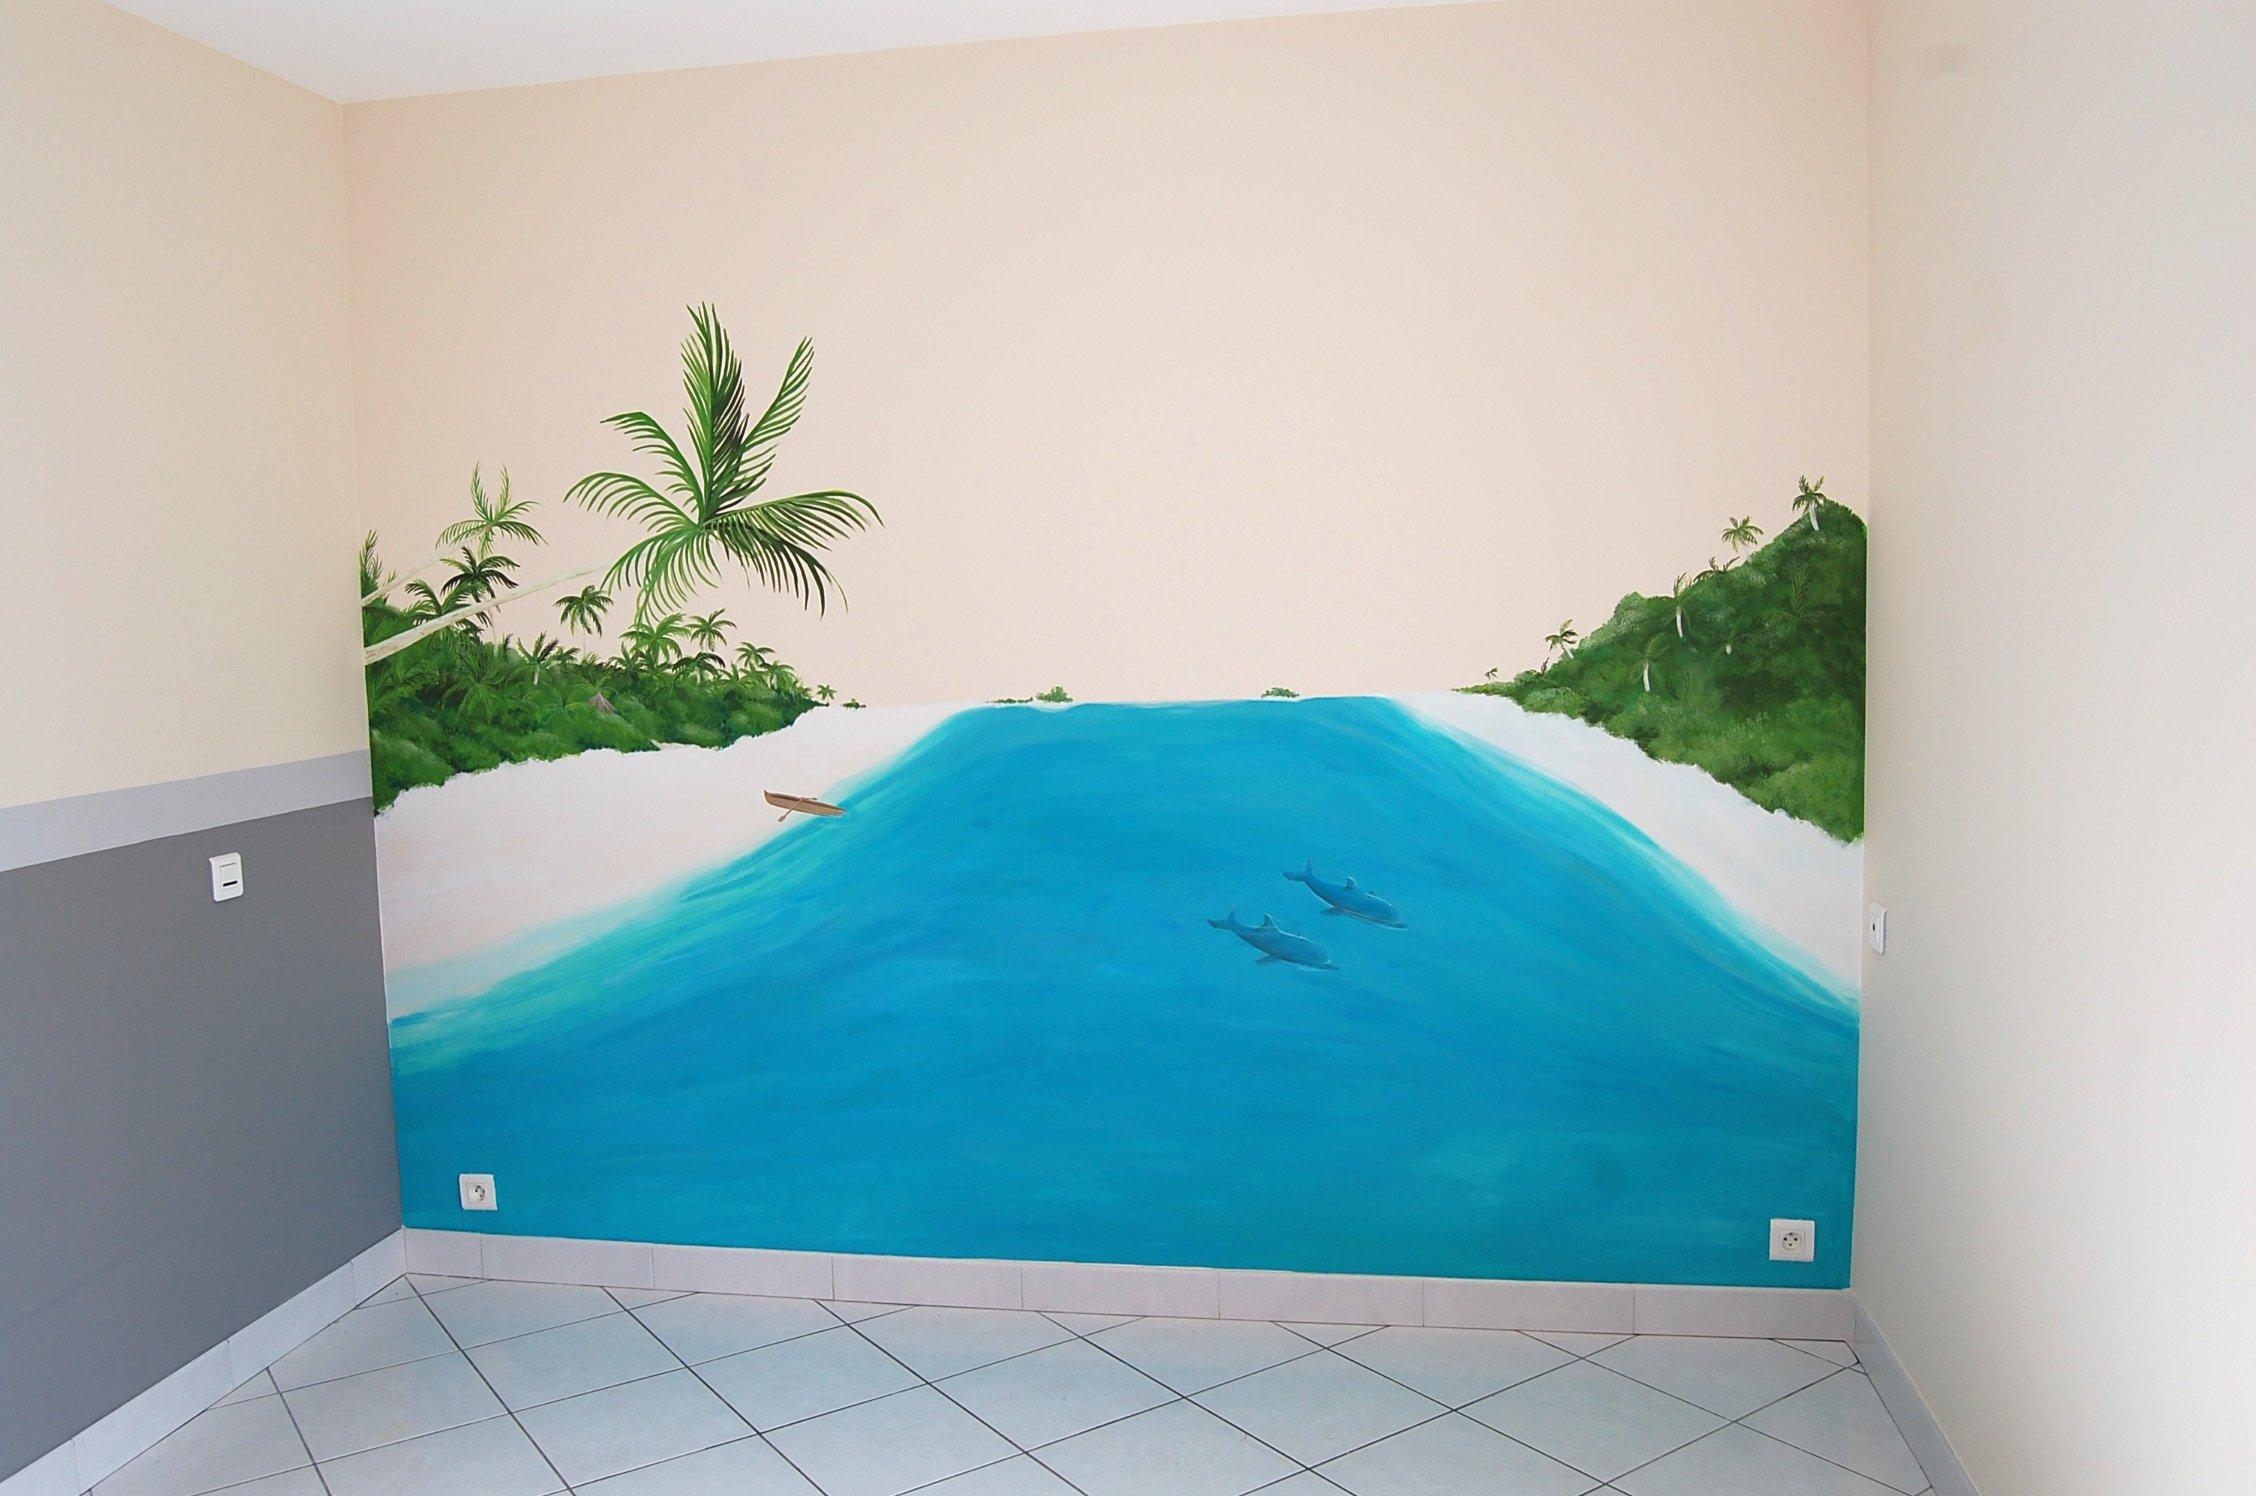 Atelier mur 39 mur for Dessin mur salon